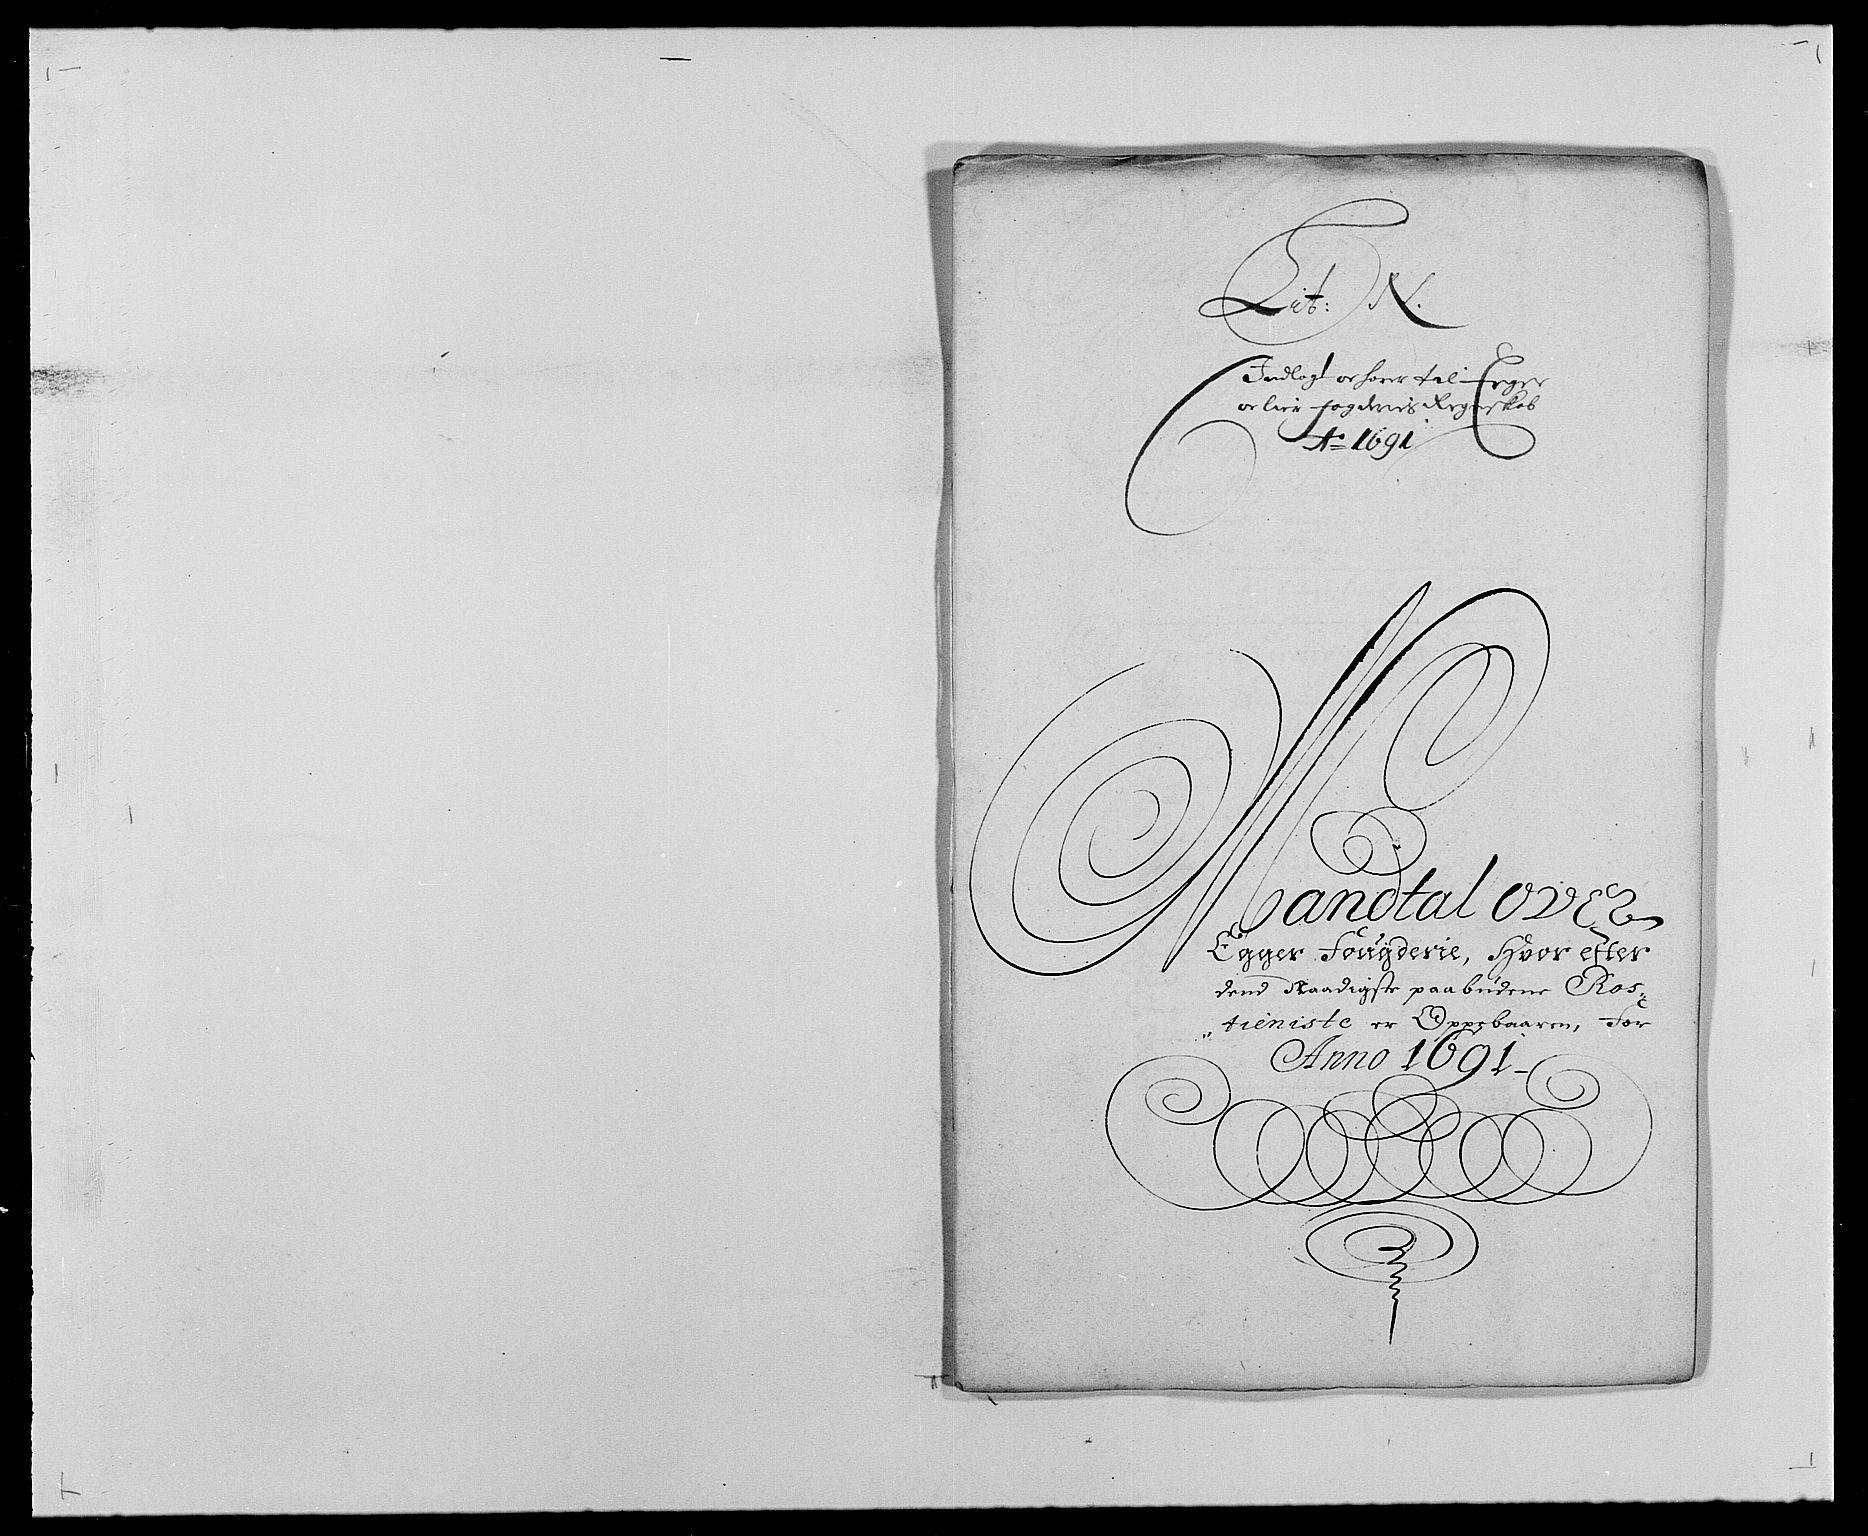 RA, Rentekammeret inntil 1814, Reviderte regnskaper, Fogderegnskap, R28/L1689: Fogderegnskap Eiker og Lier, 1690-1691, s. 316